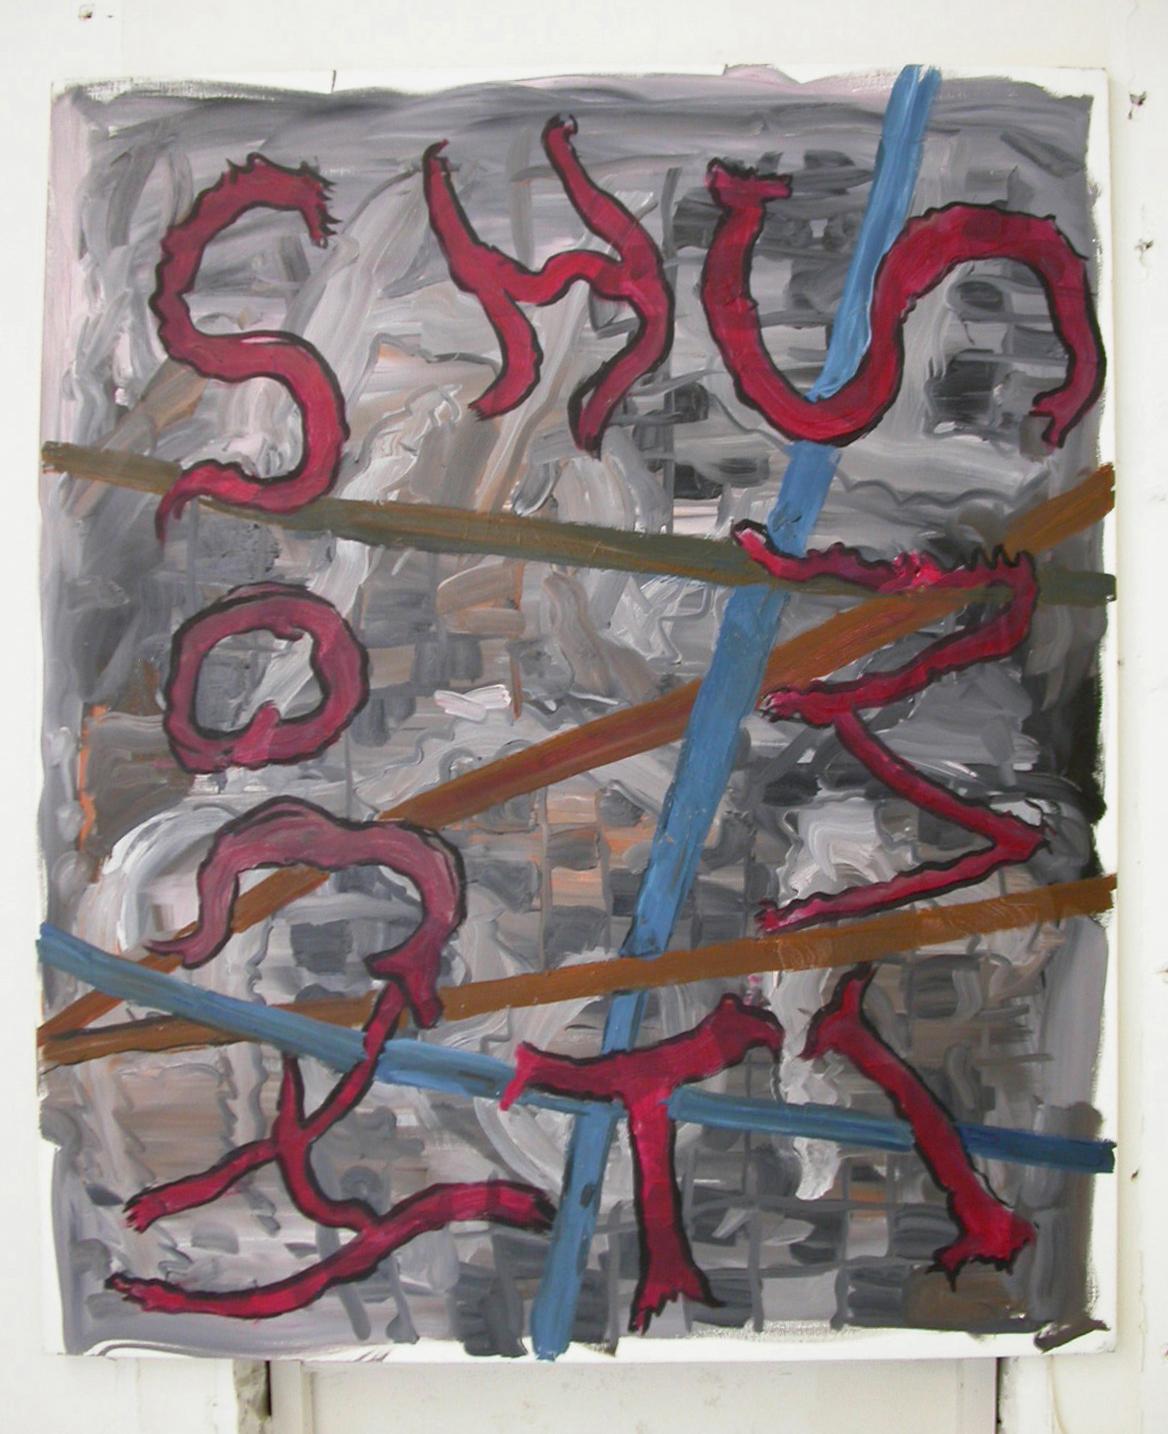 Josh Smith,   Ravenstein galleries, Brussels, 2005